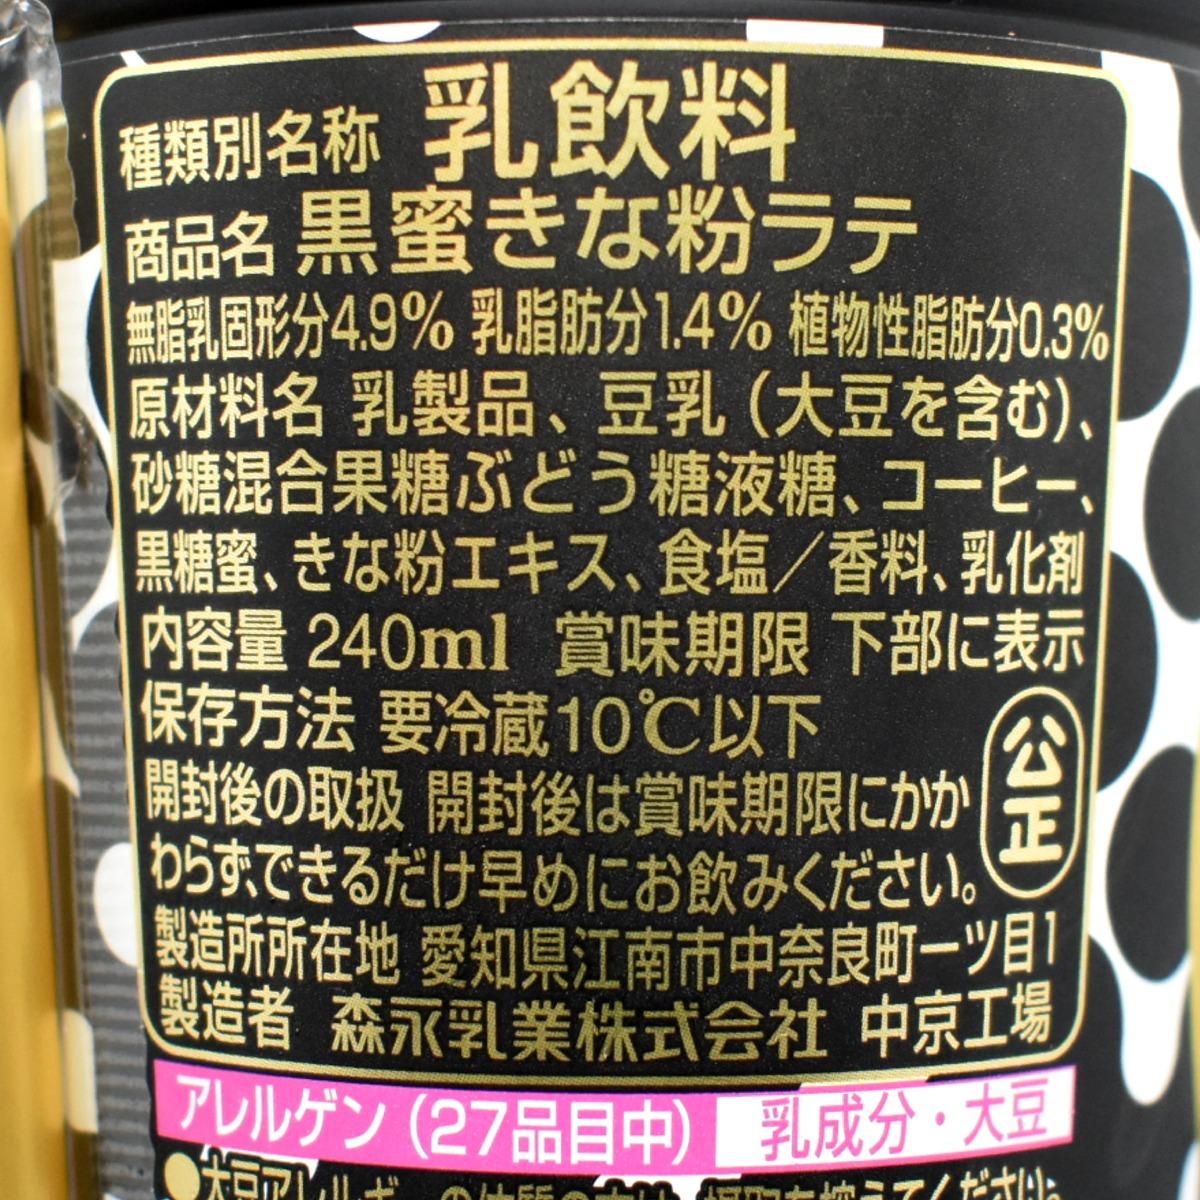 マウントレーニア「黒蜜きな粉ラテ~豆乳仕立て」の原材料名